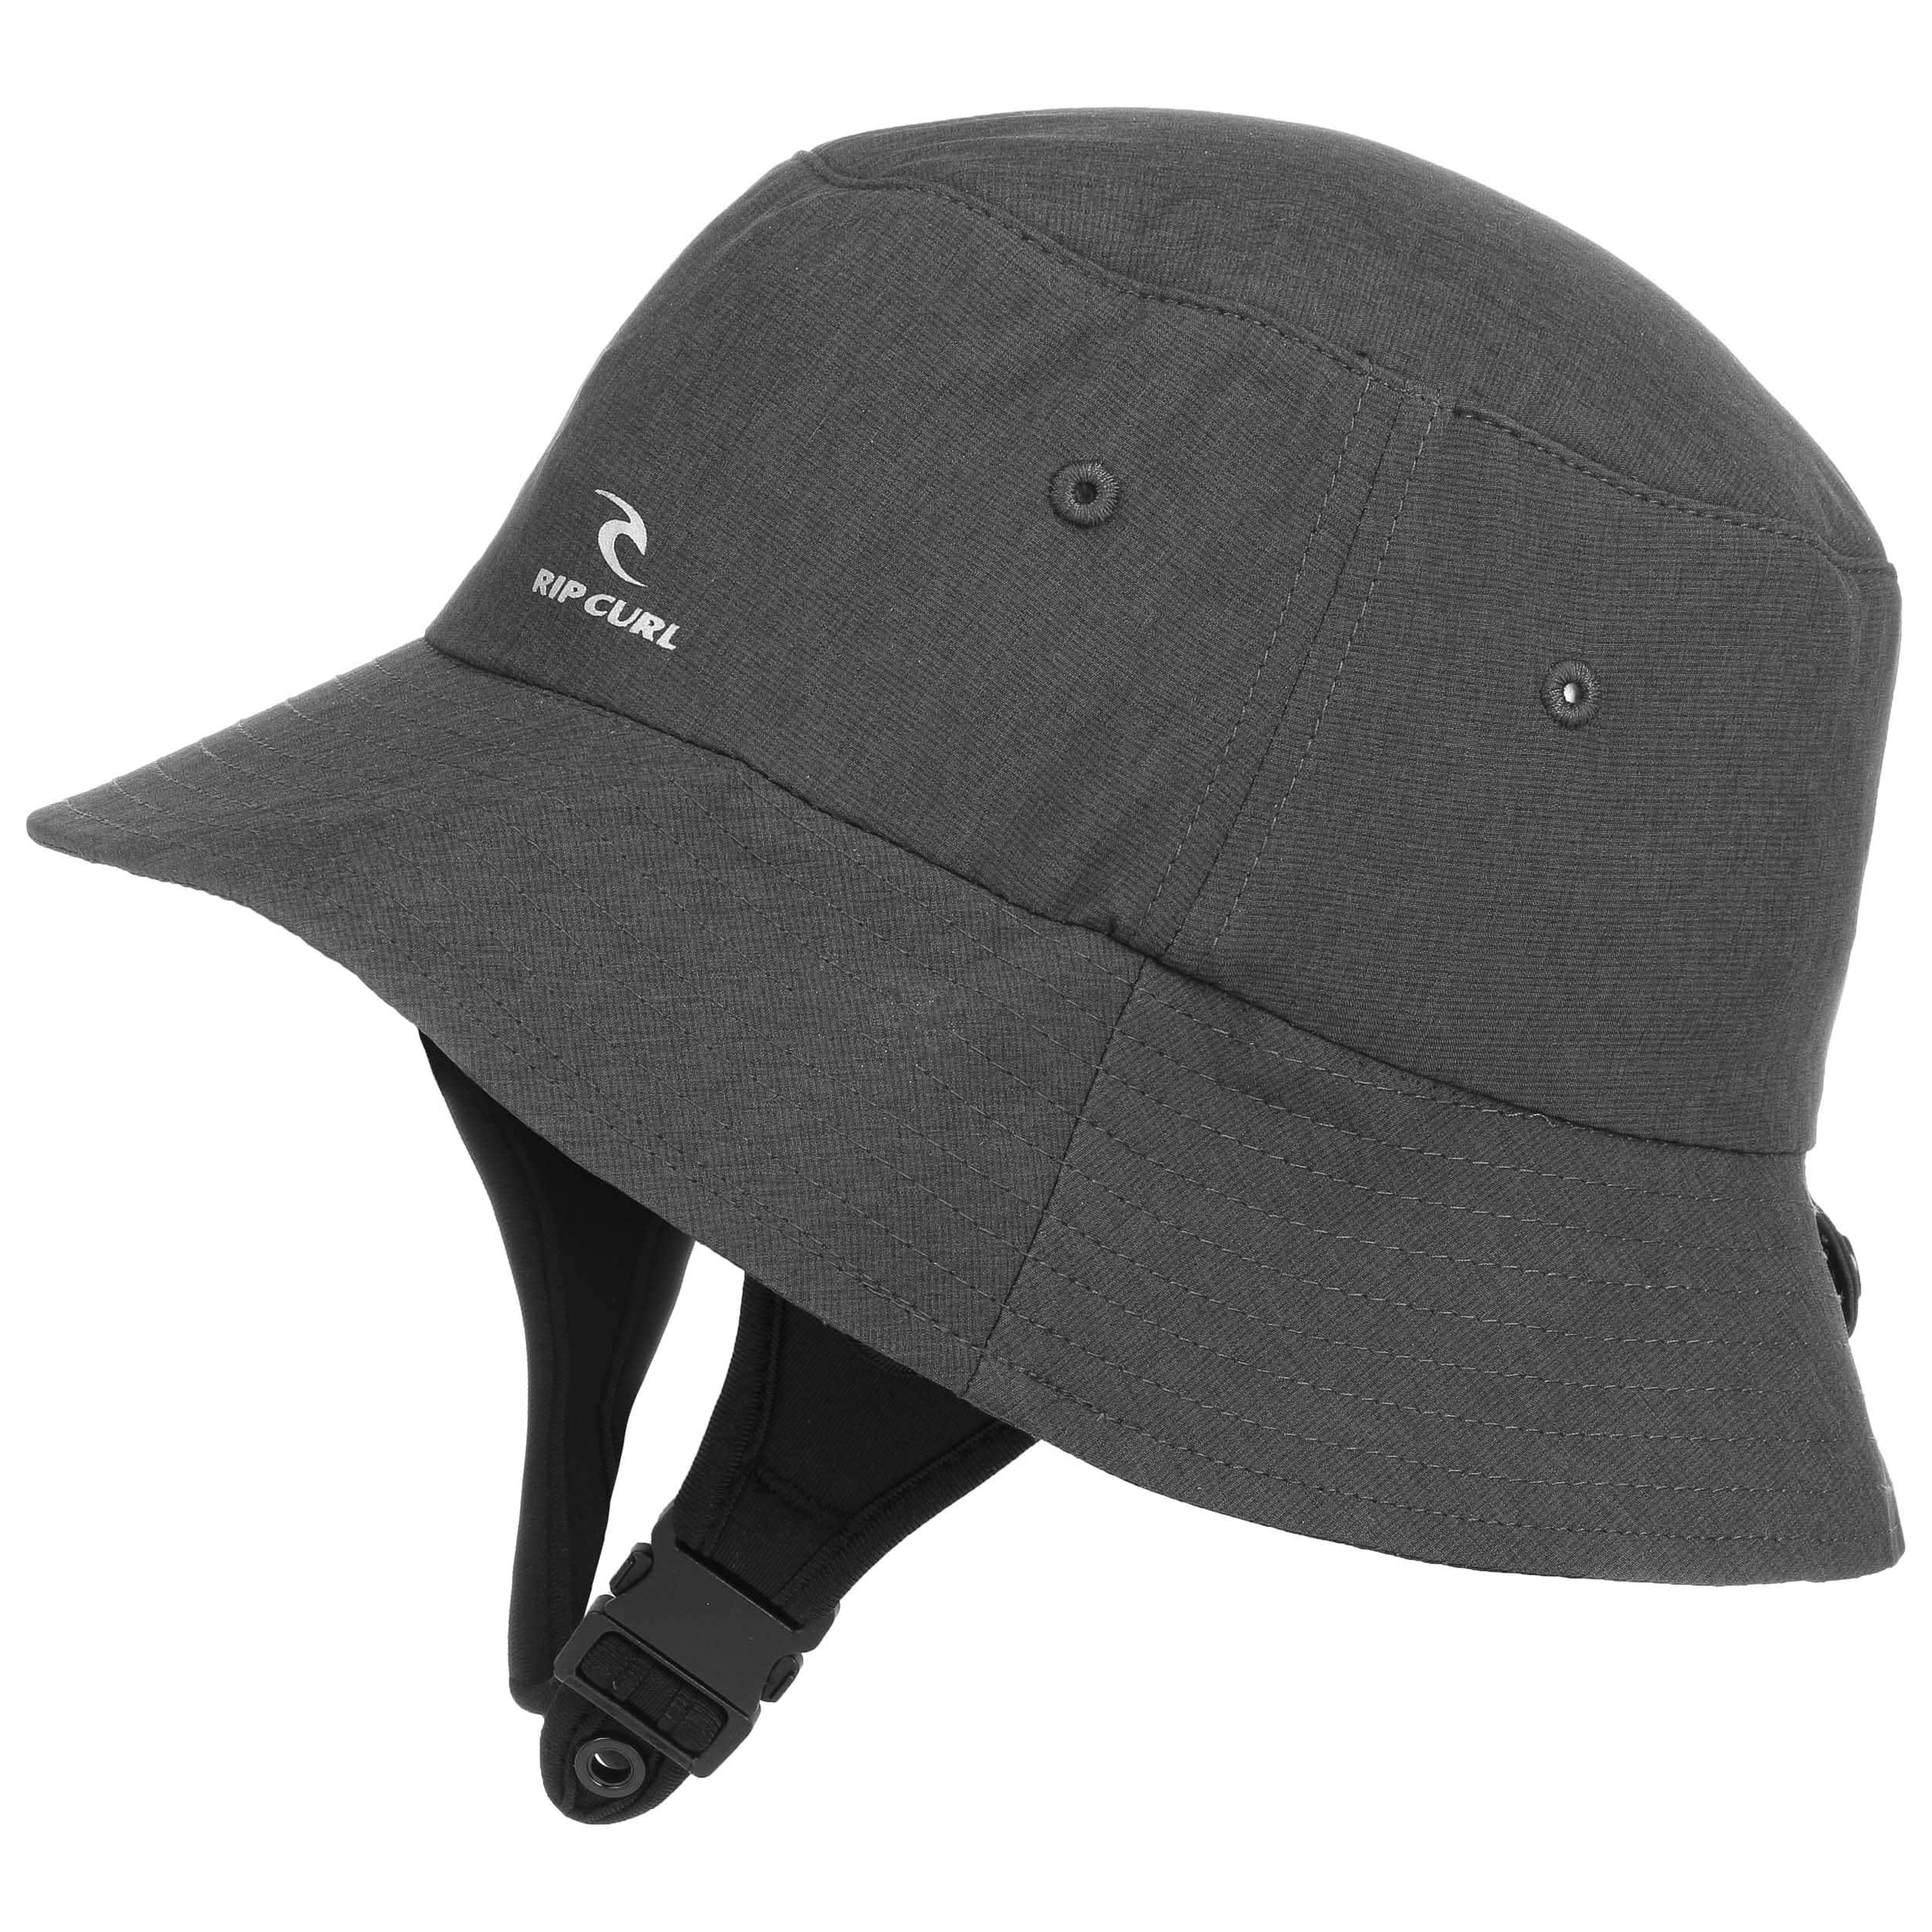 84ef49914ebdf ... Axis Surf Bucket Hat by Rip Curl - black 7 ...